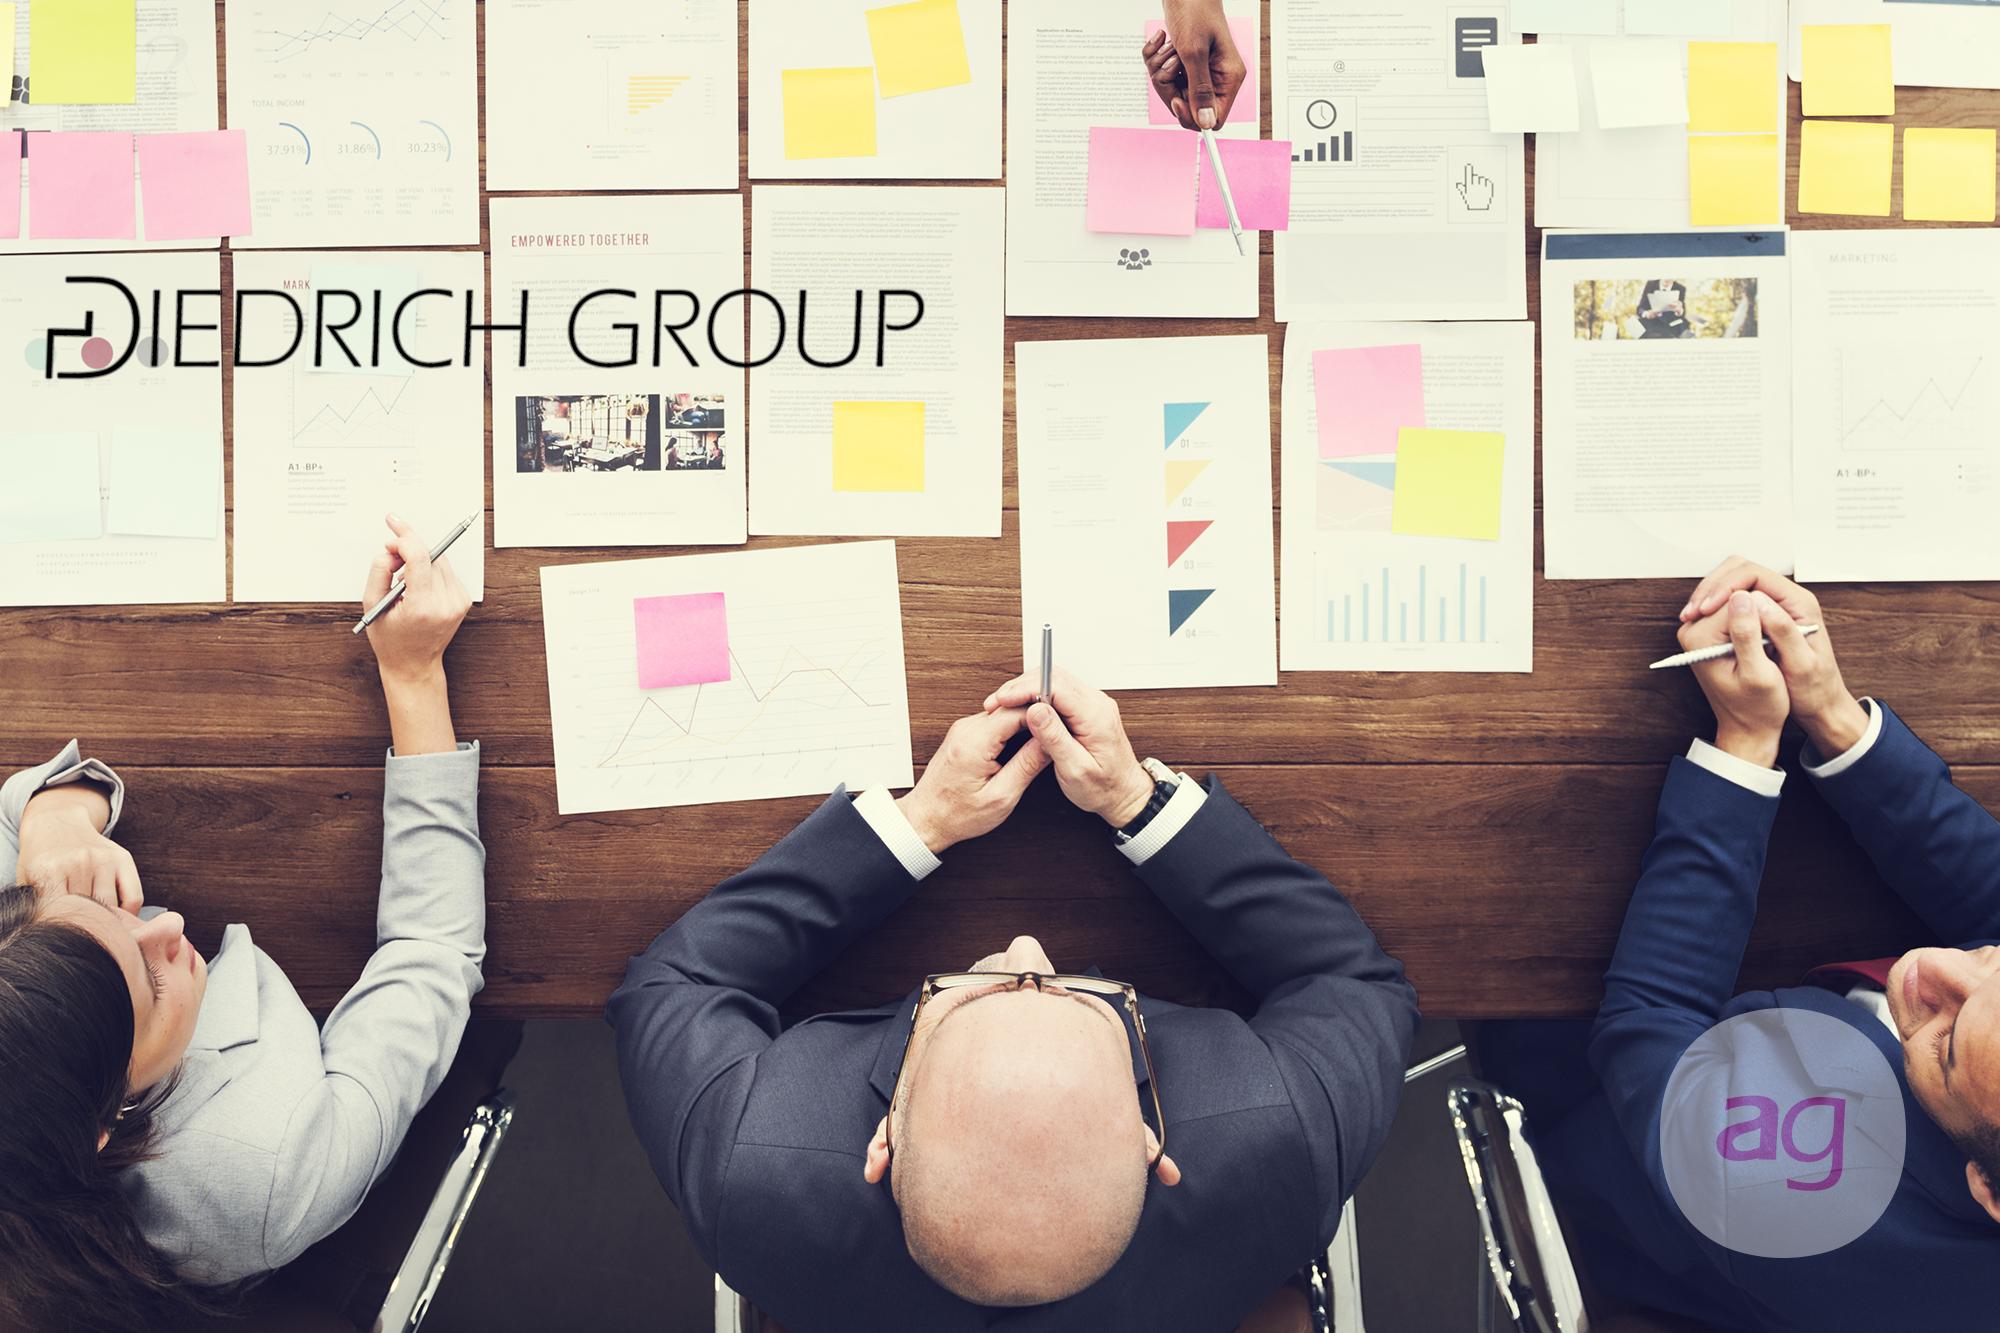 Diedrich Group